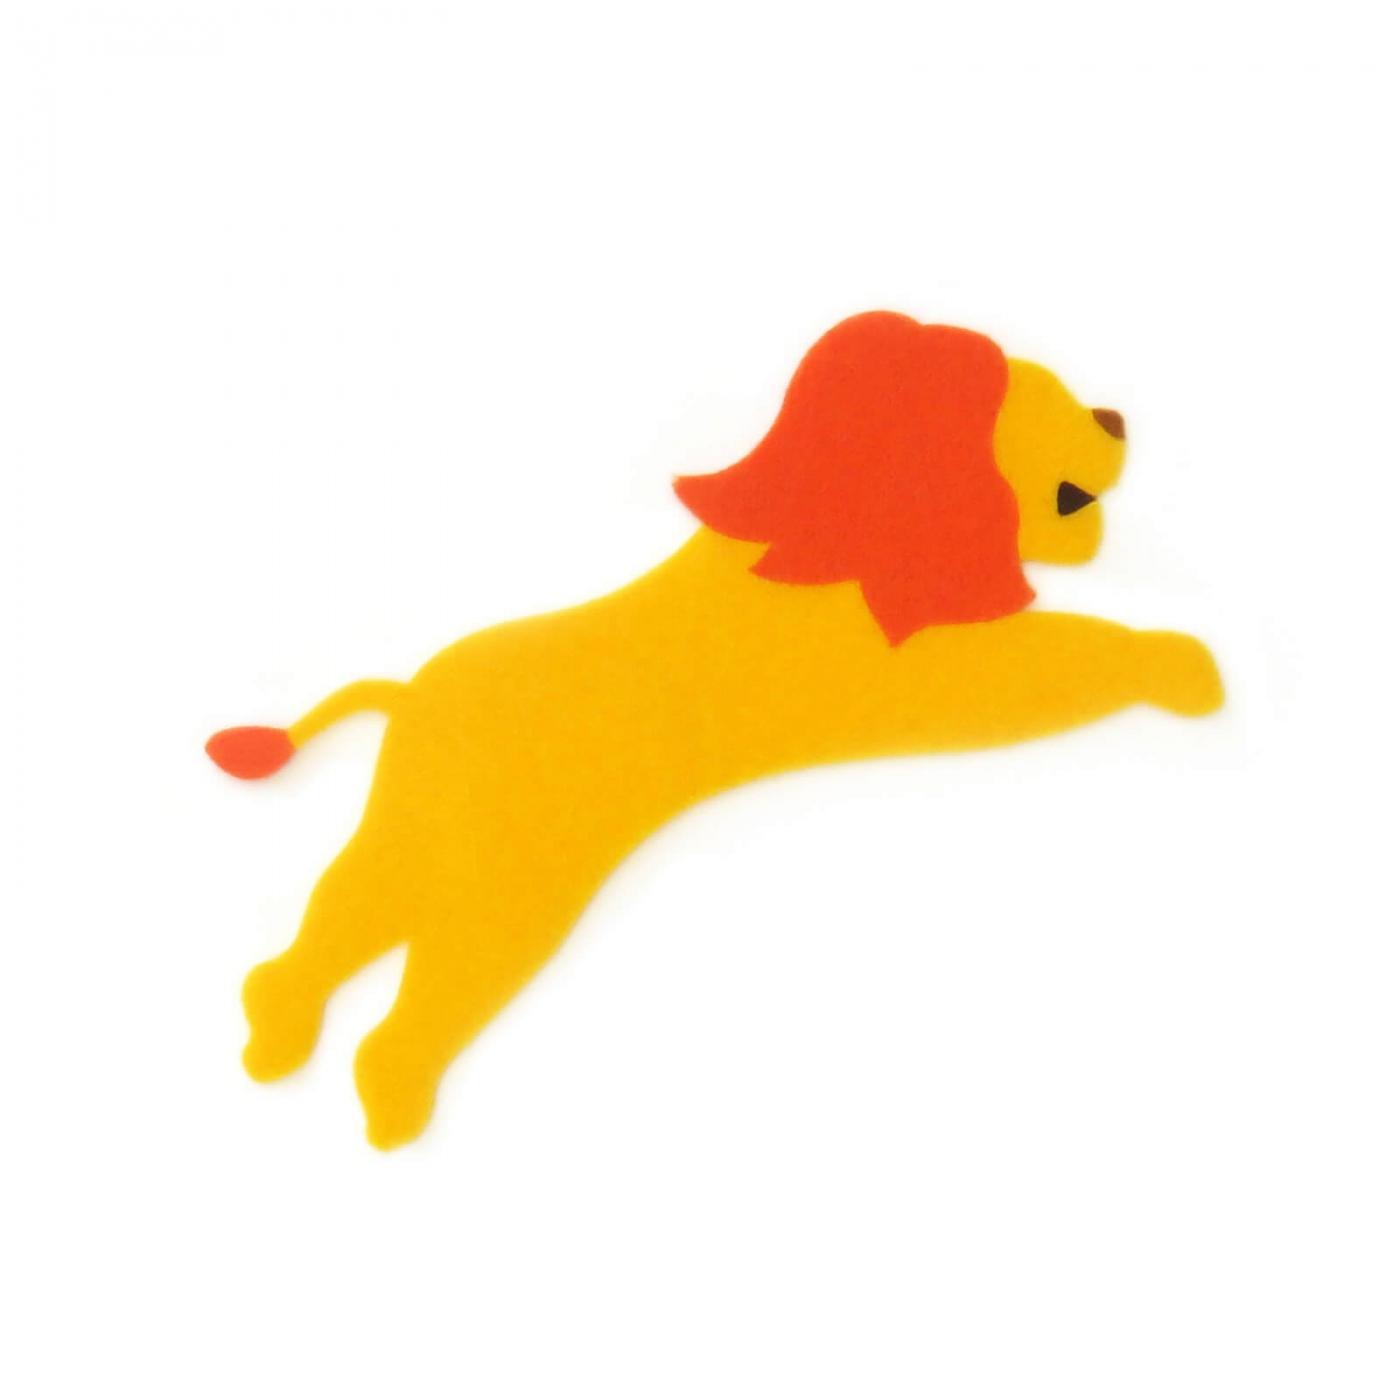 おしゃれなフェルトのライオンのアップリケ(ワッペン)